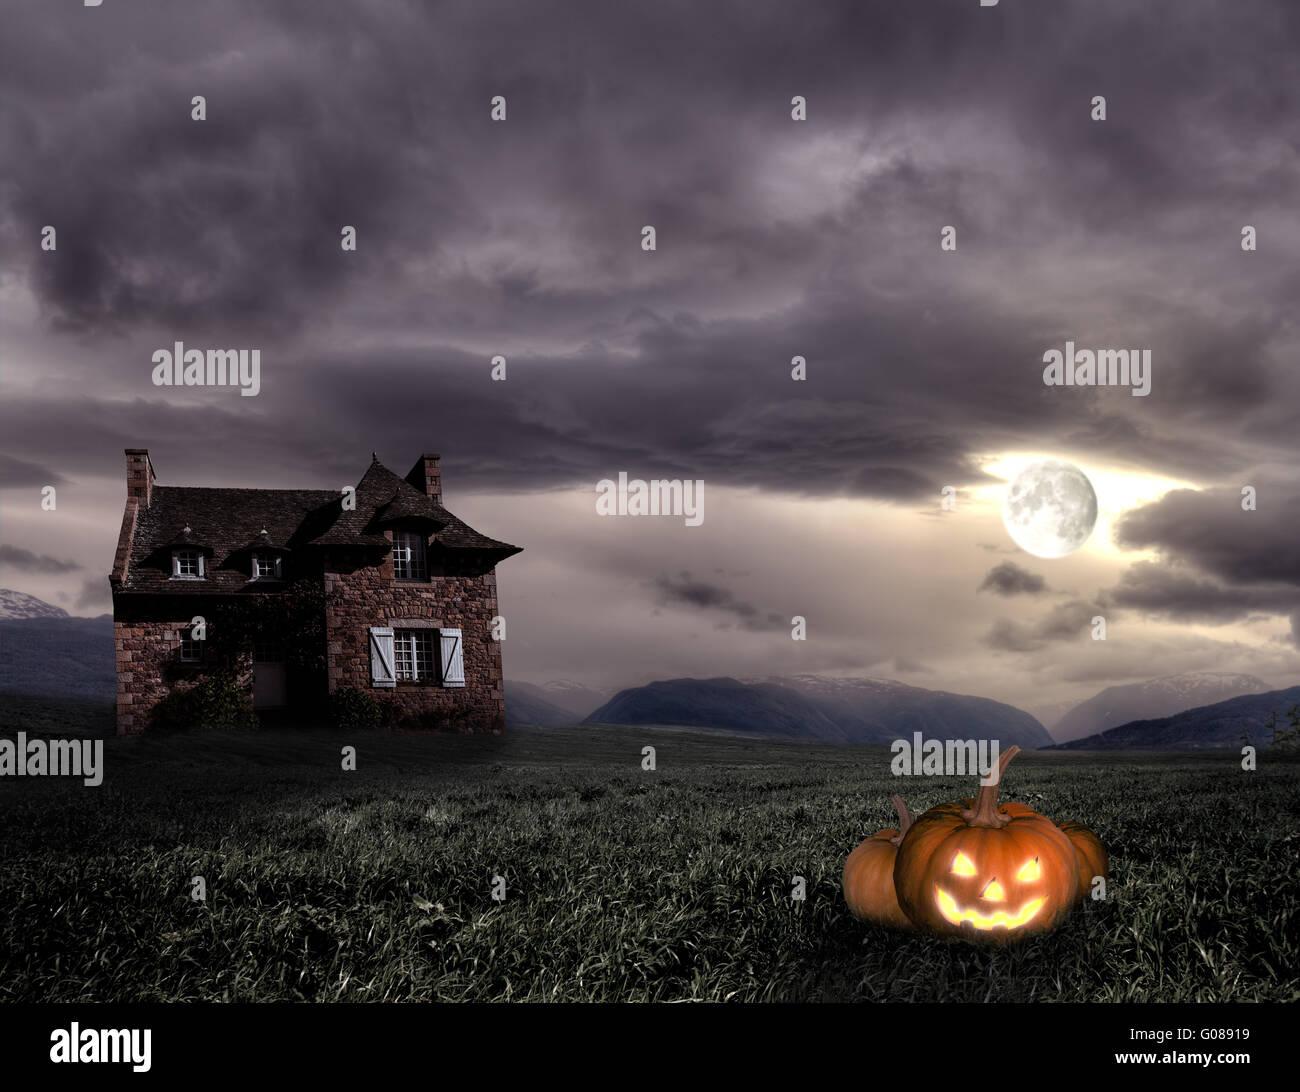 Apocalittico scenario di Halloween con la vecchia casa e zucca Immagini Stock